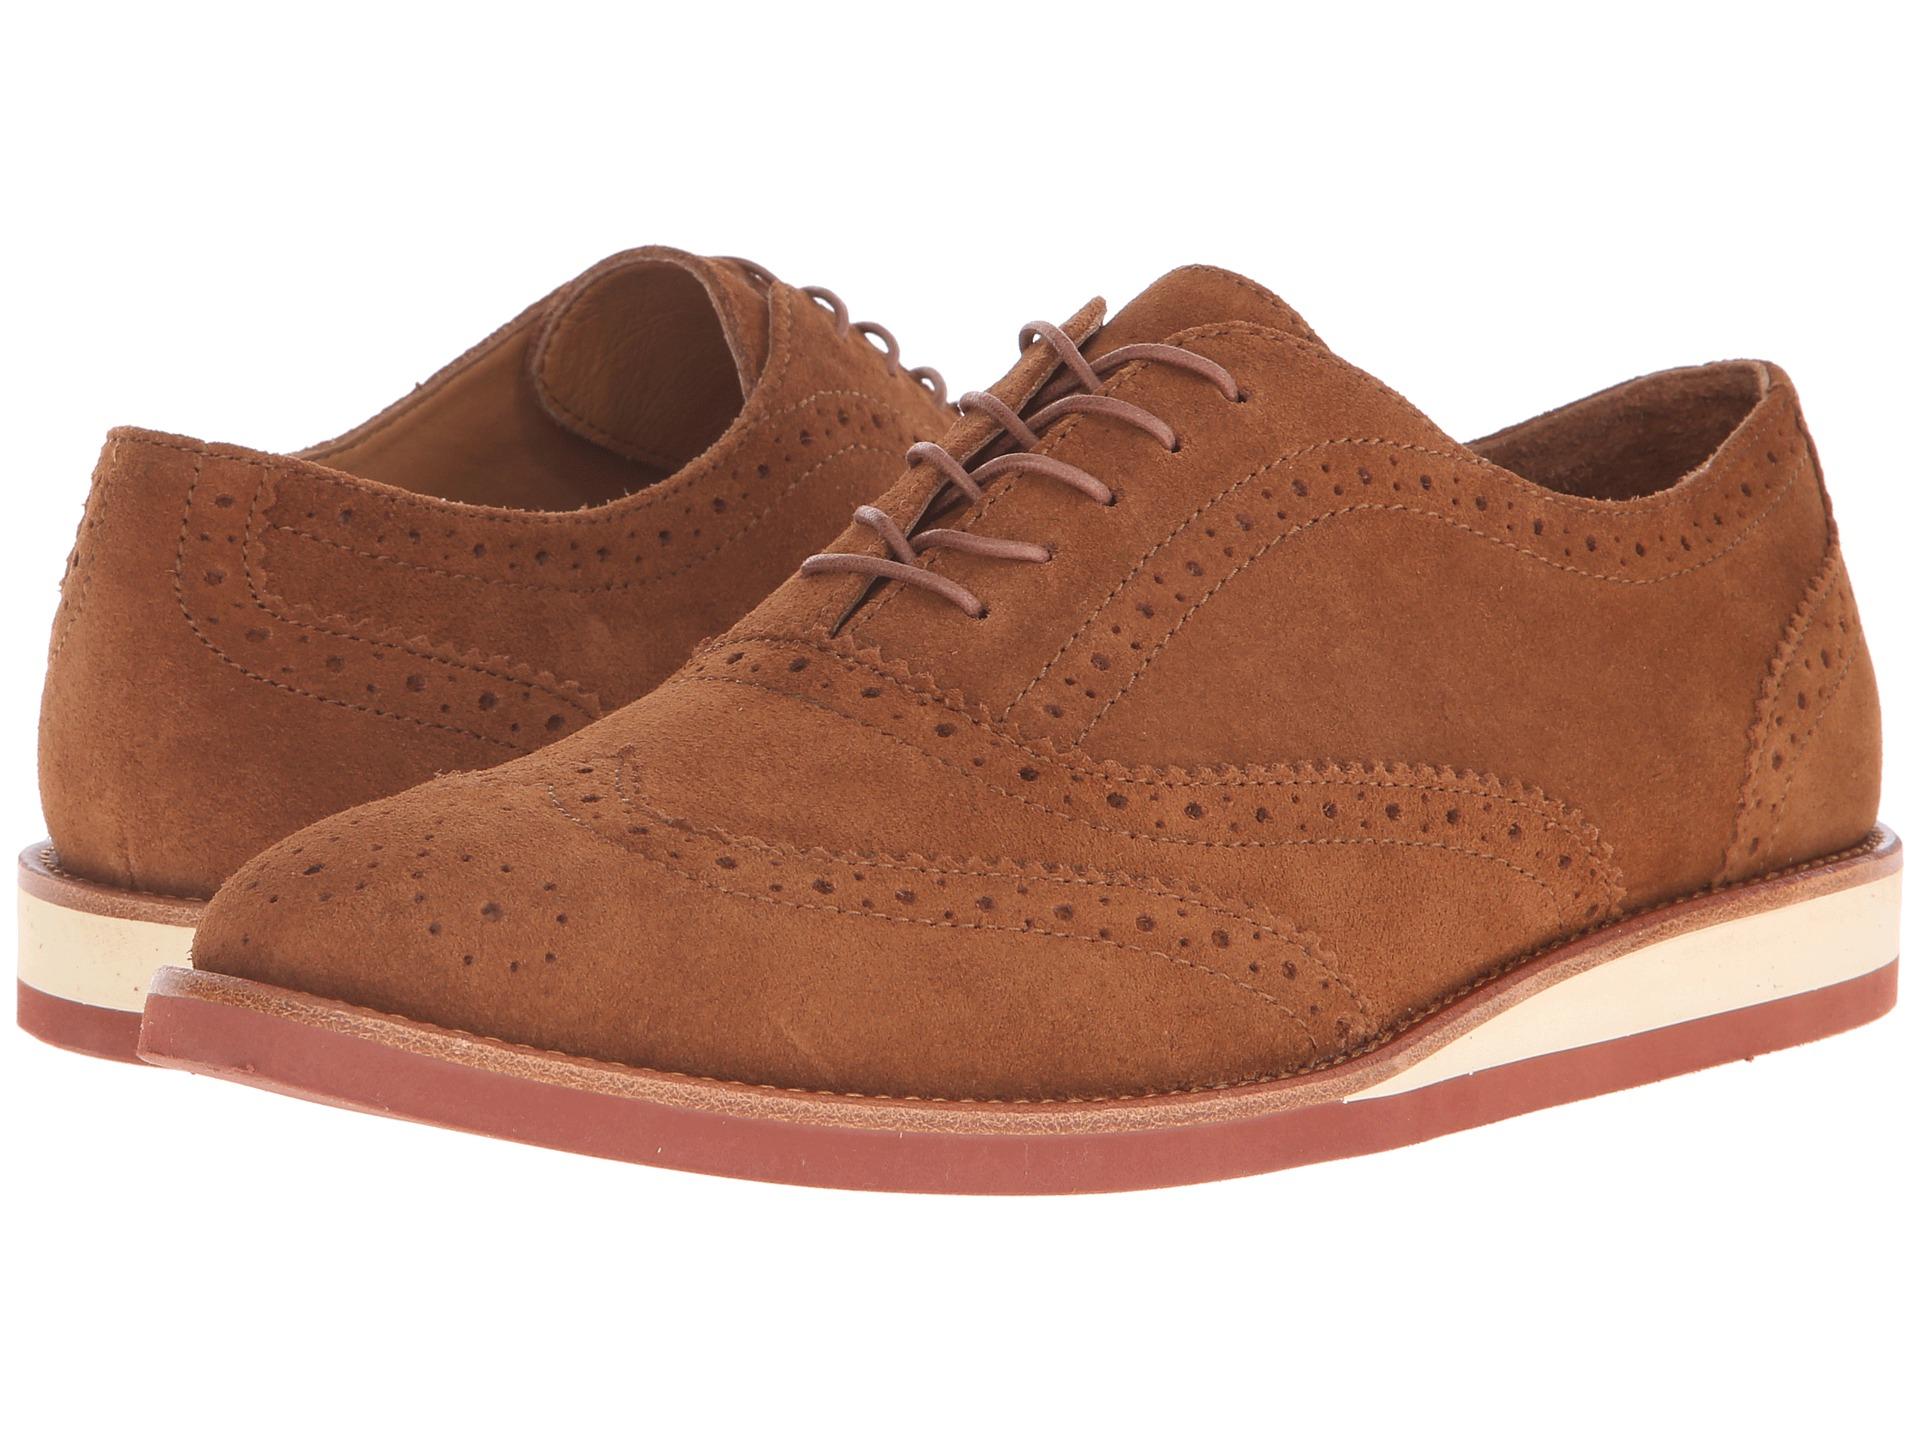 Cole Haan Shoes Mens Sale Images Dress